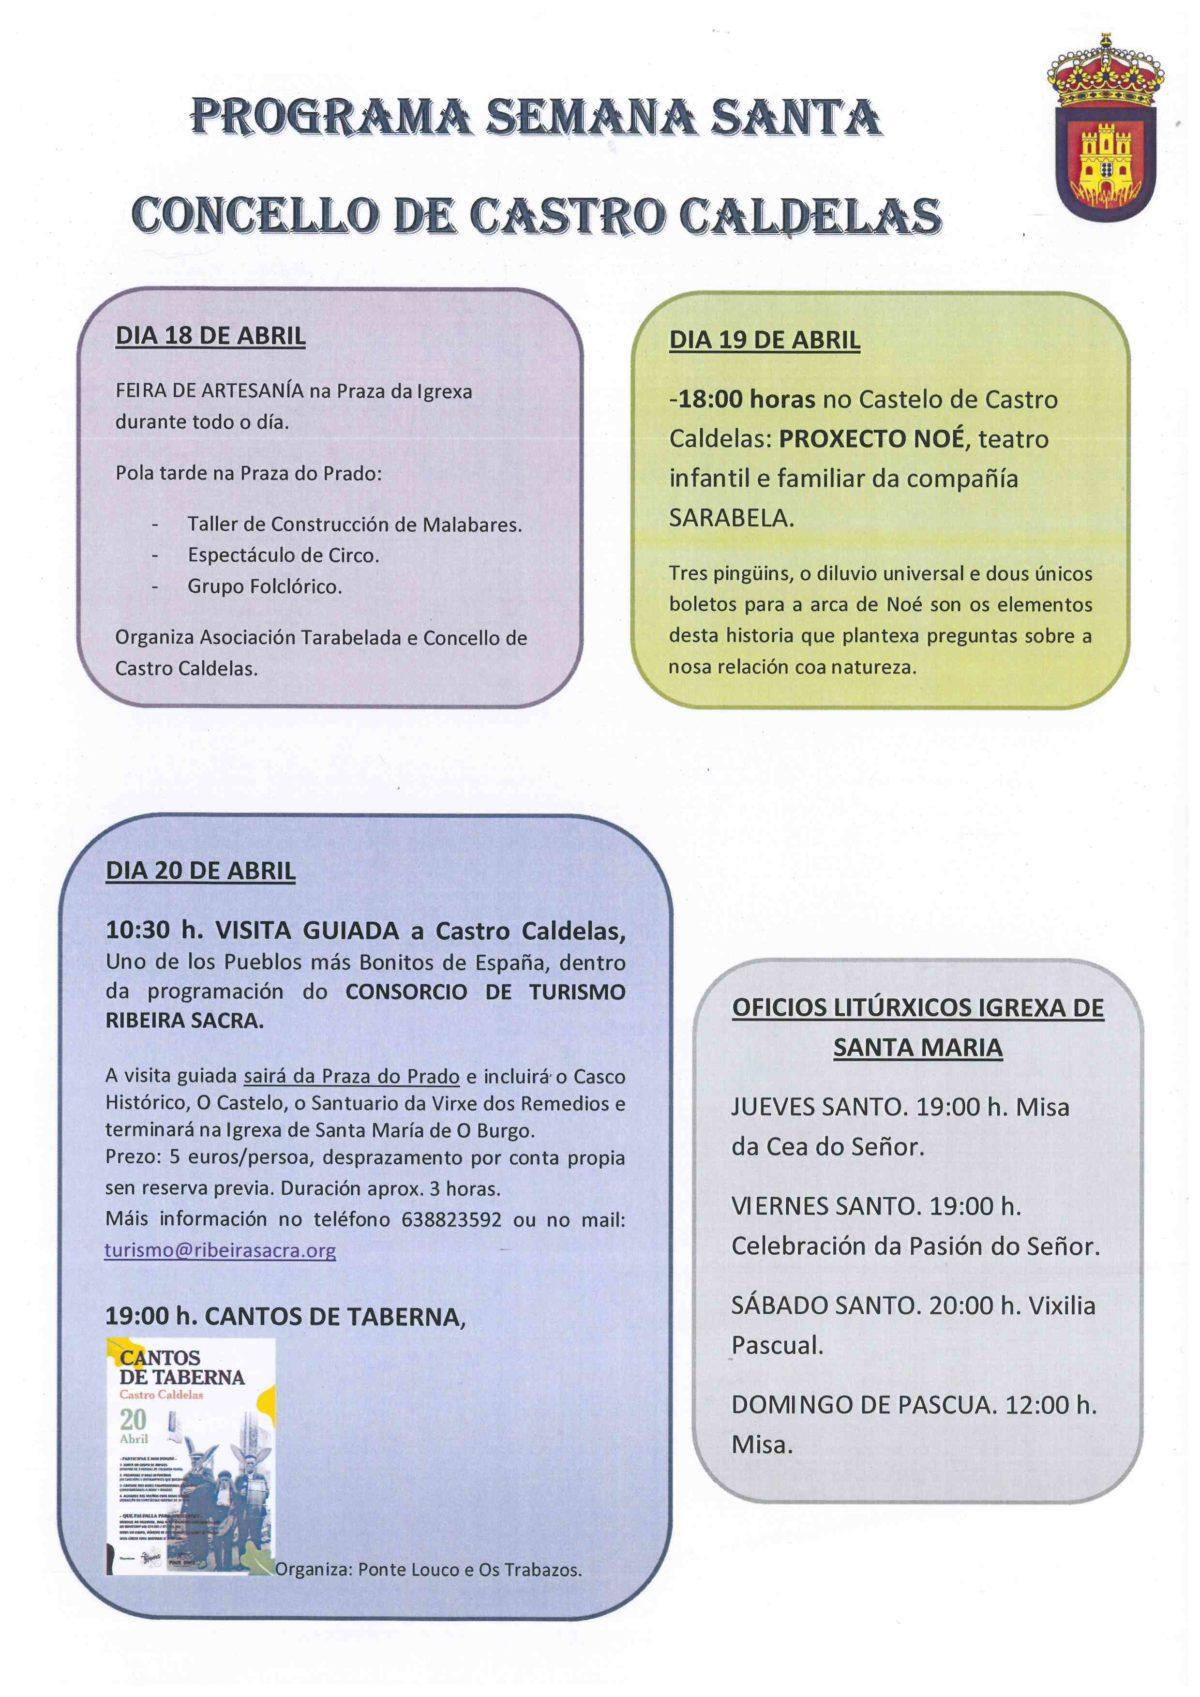 Ven a disfrutar de la Semana Santa a Castro Caldelas, Uno de los Pueblos más Bonitos de España.